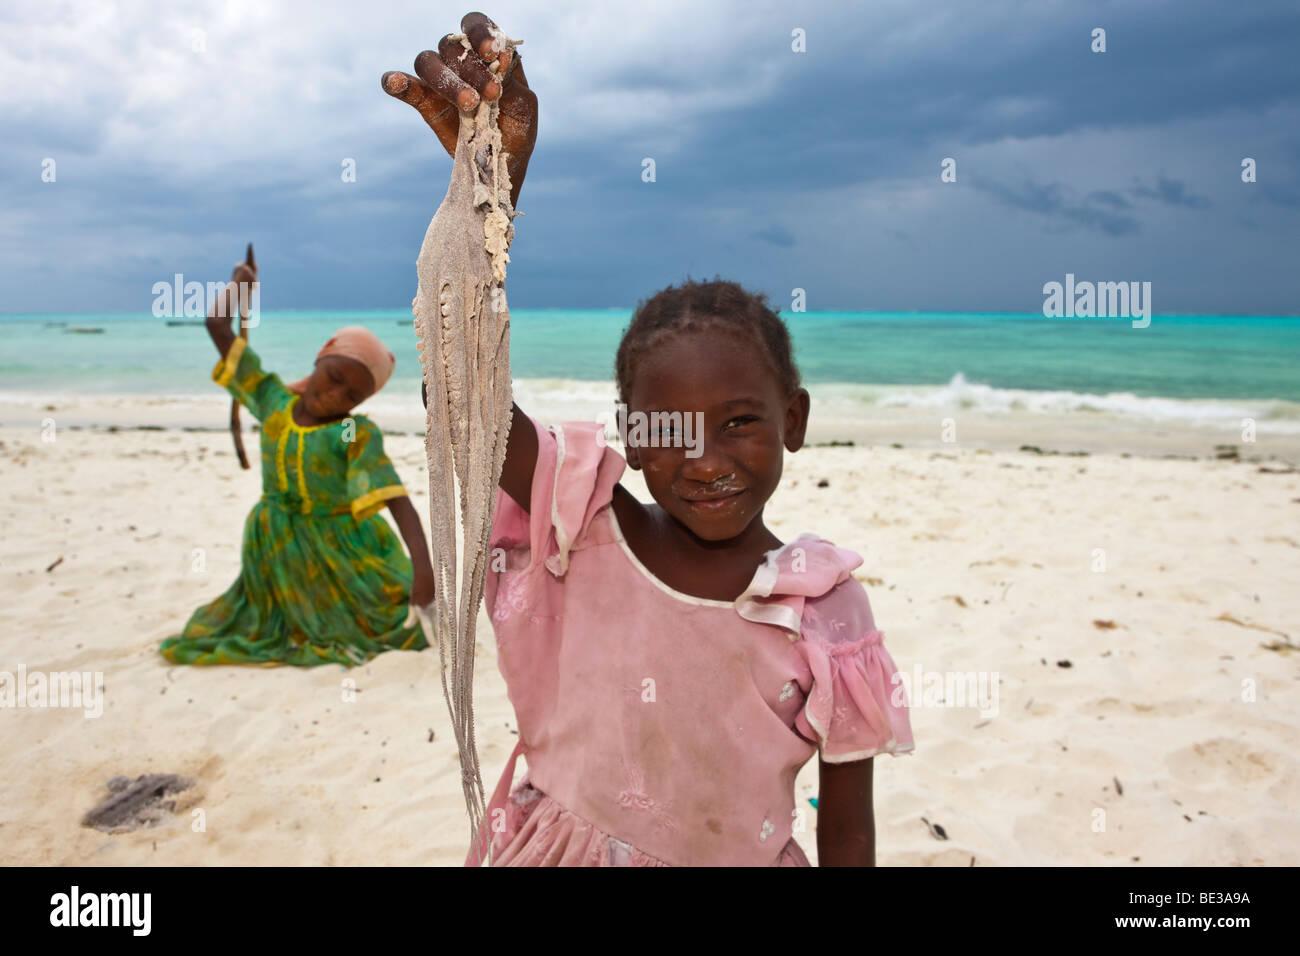 Kinder schlagen eine Krake mit Stöcken um machen, essbar, Jambiani, Sansibar, Tansania, Afrika Stockfoto